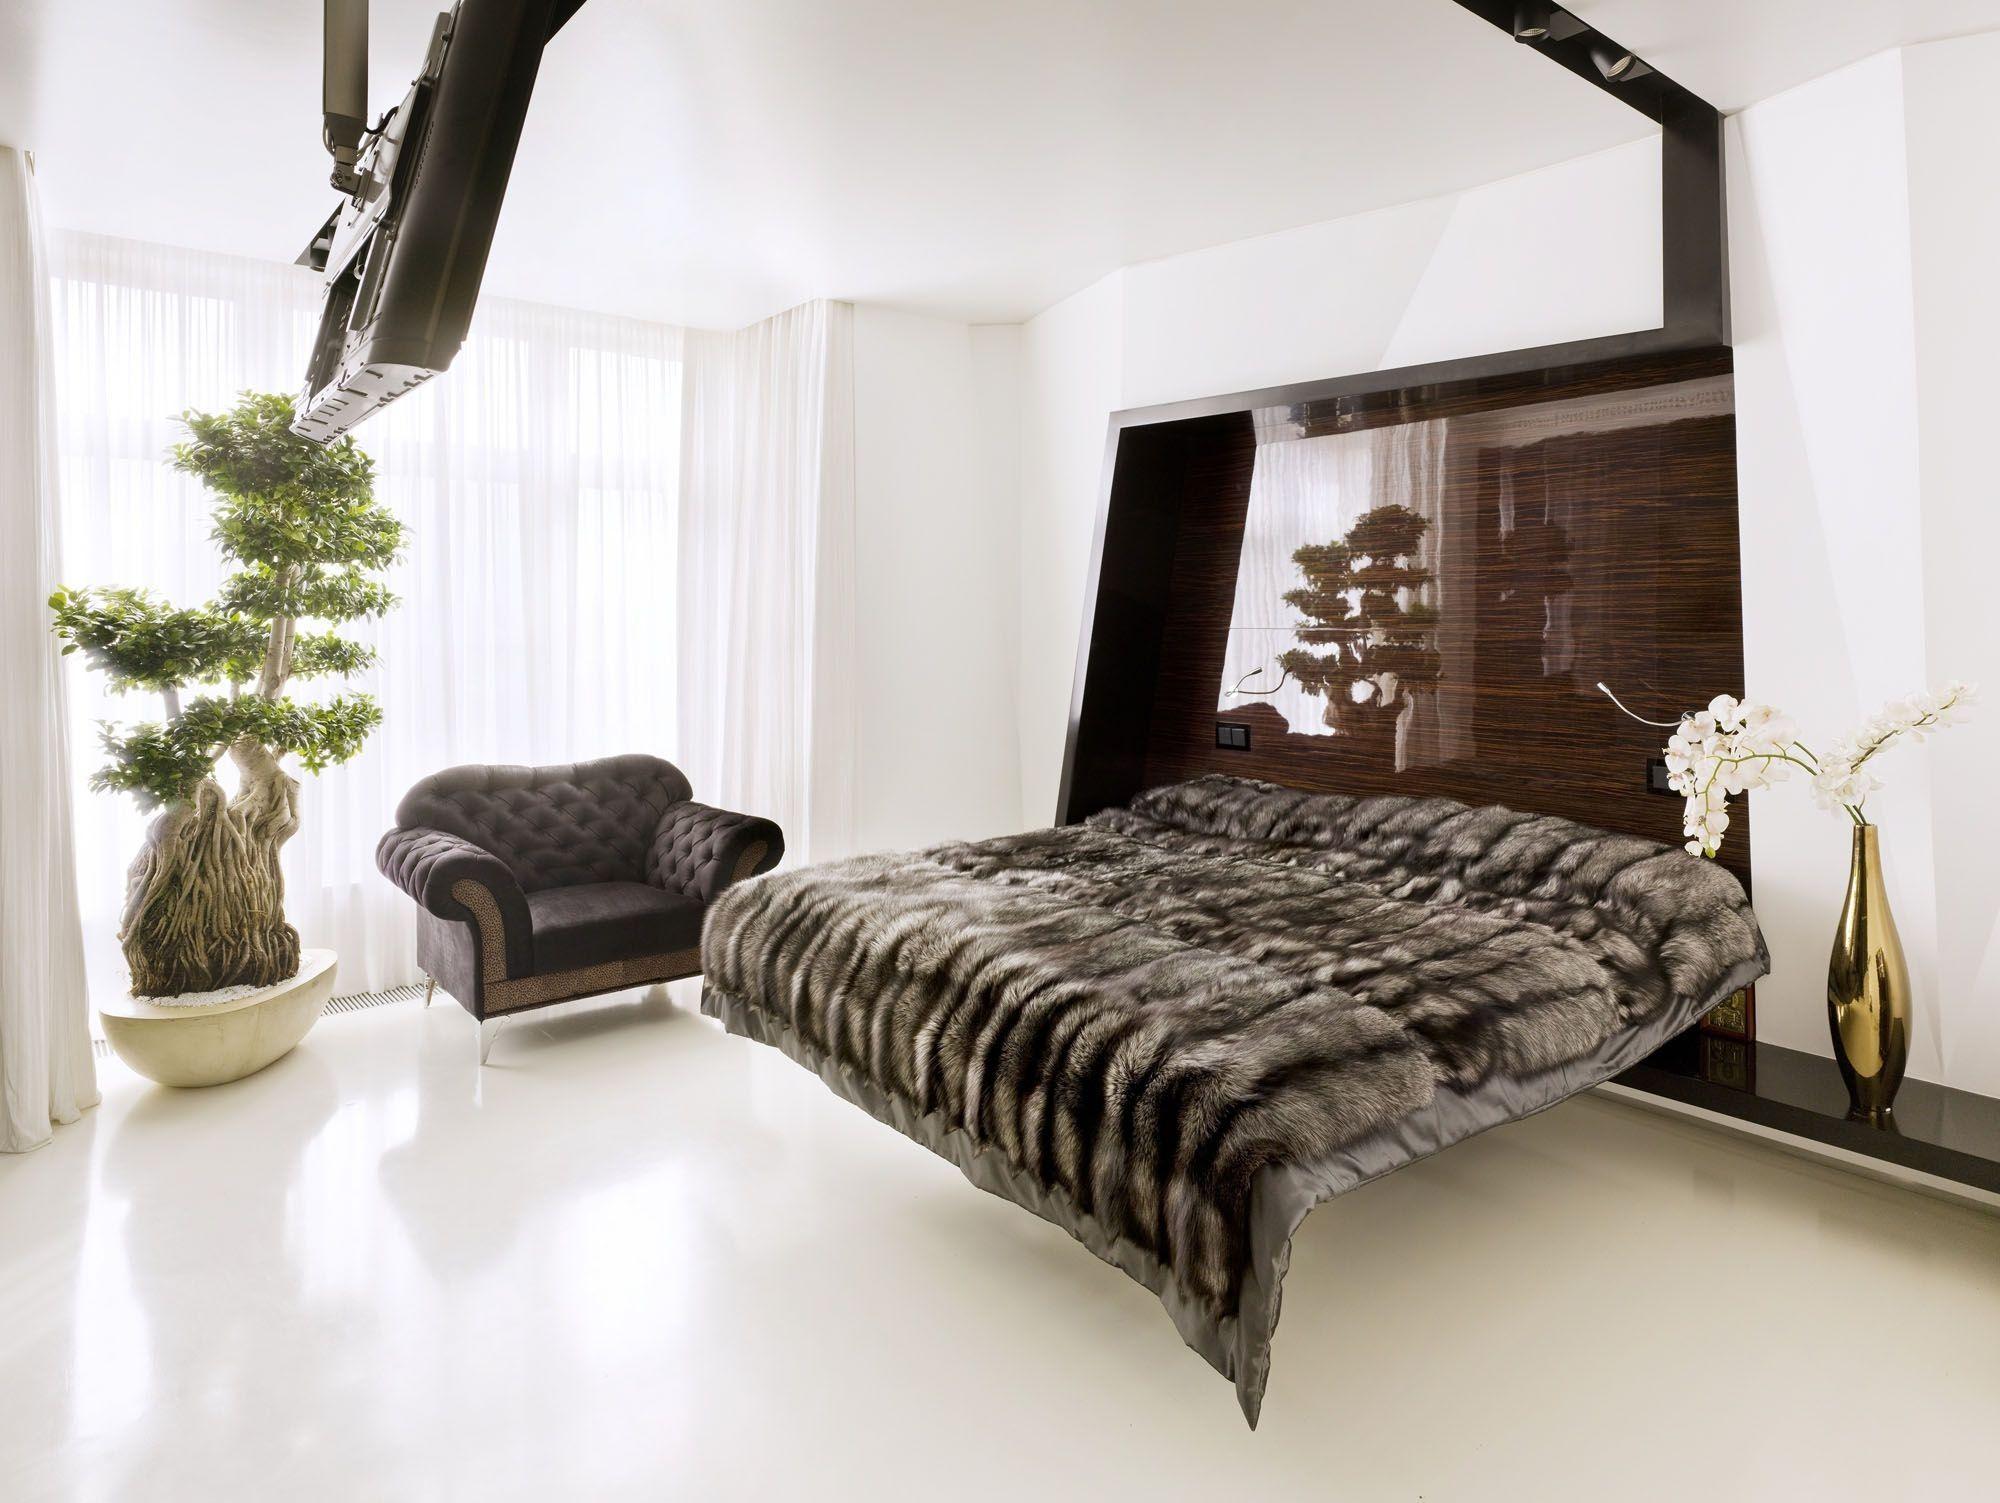 Mediterranes Schlafzimmer ~ Bedroom with fur blanket fur throw schlafzimmer mit pelzdecke